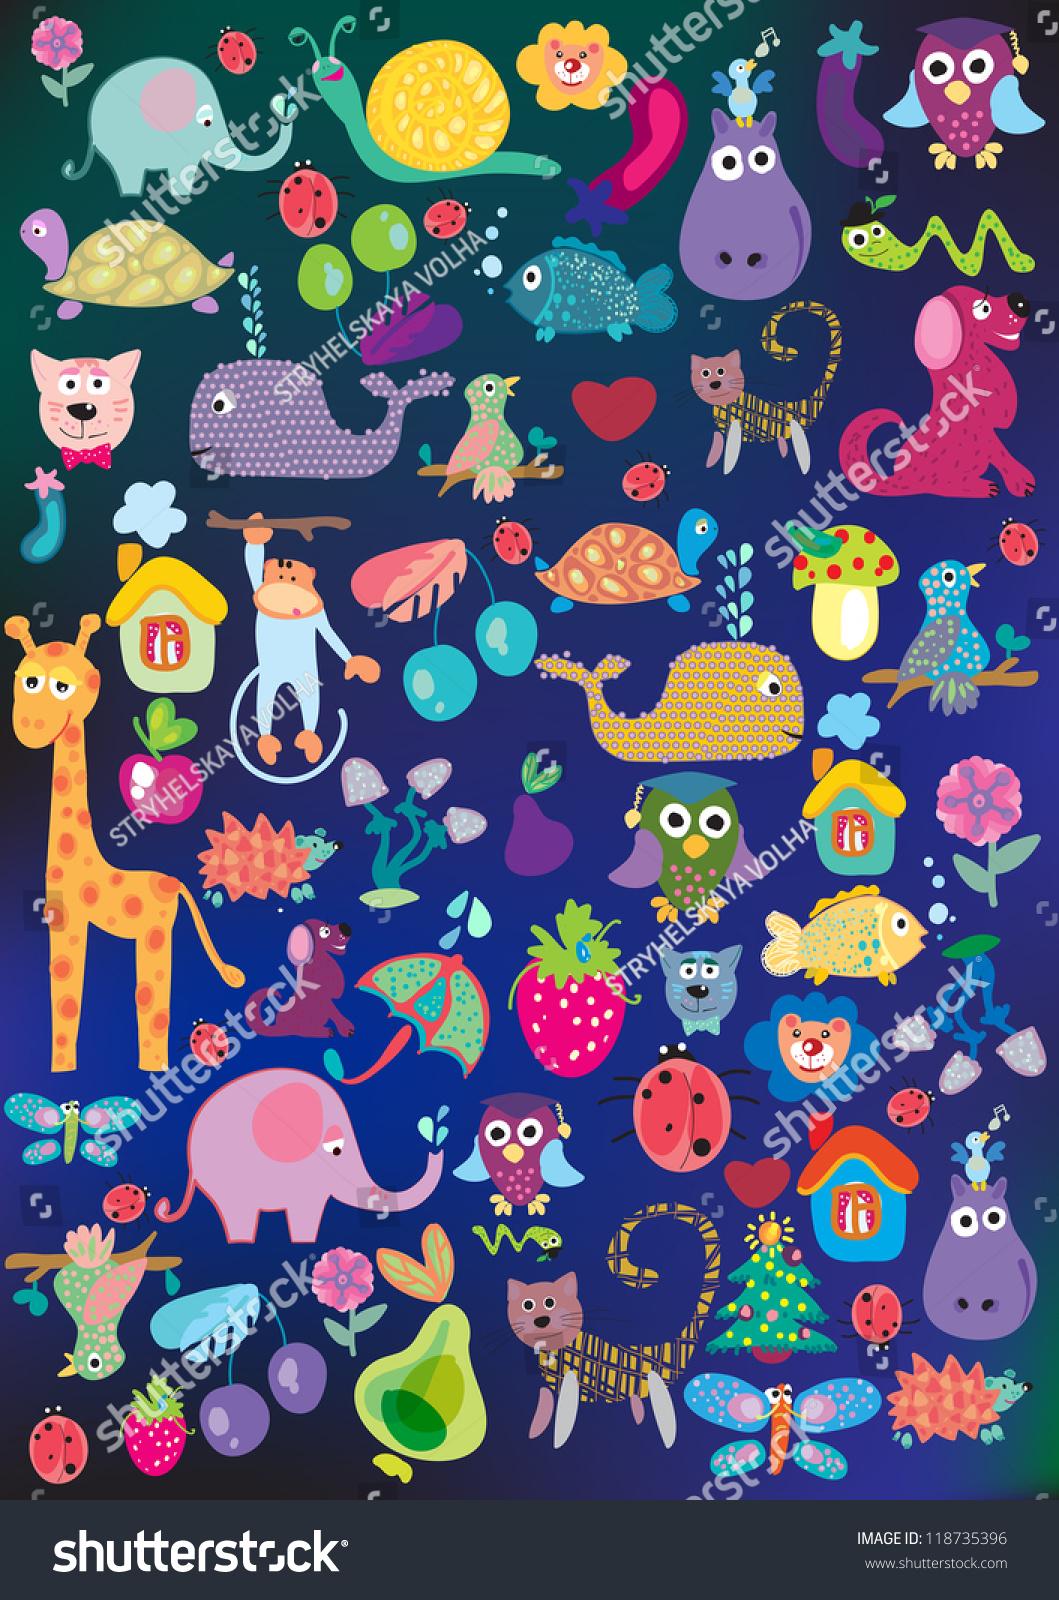 动物园的背景-动物/野生生物,背景/素材-海洛创意()-.